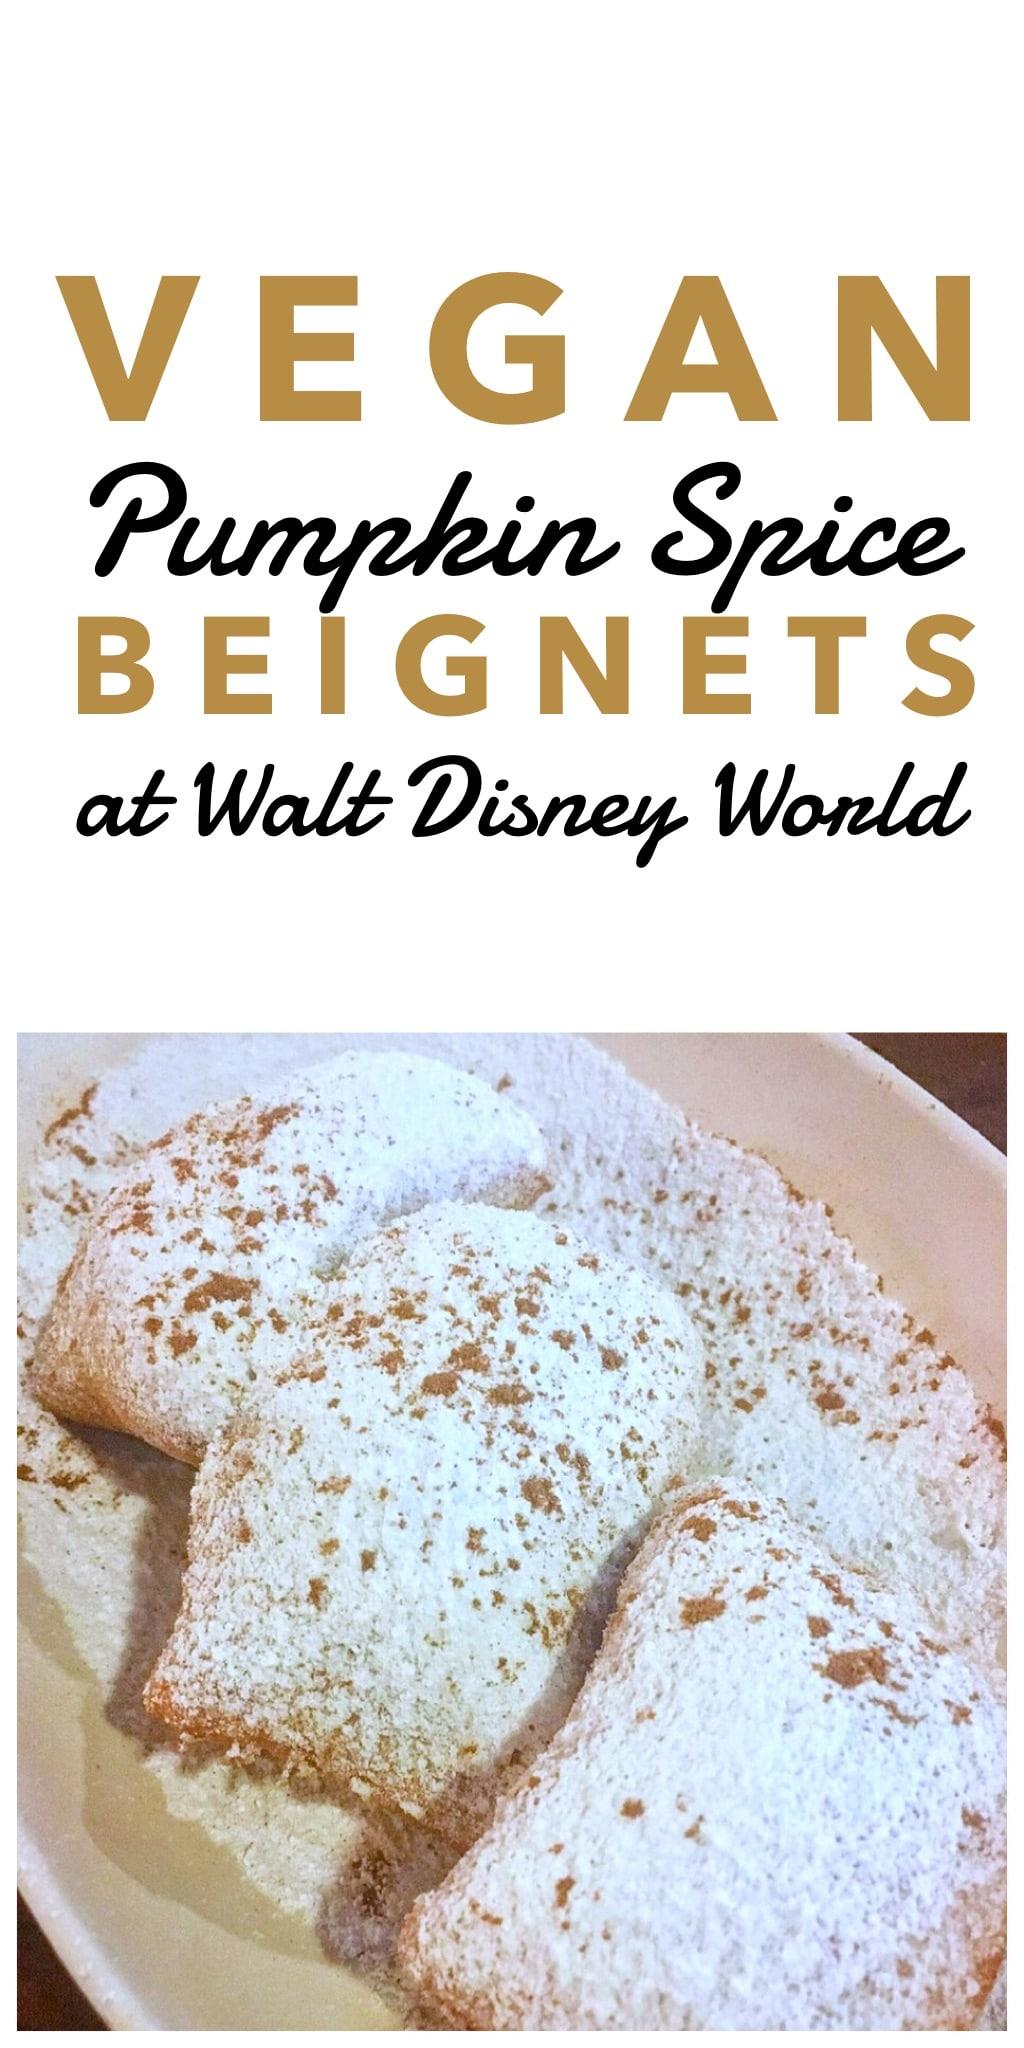 Vegan Pumpkin Spice Beignets at Port Orleans French Quarter Resort in Walt Disney World